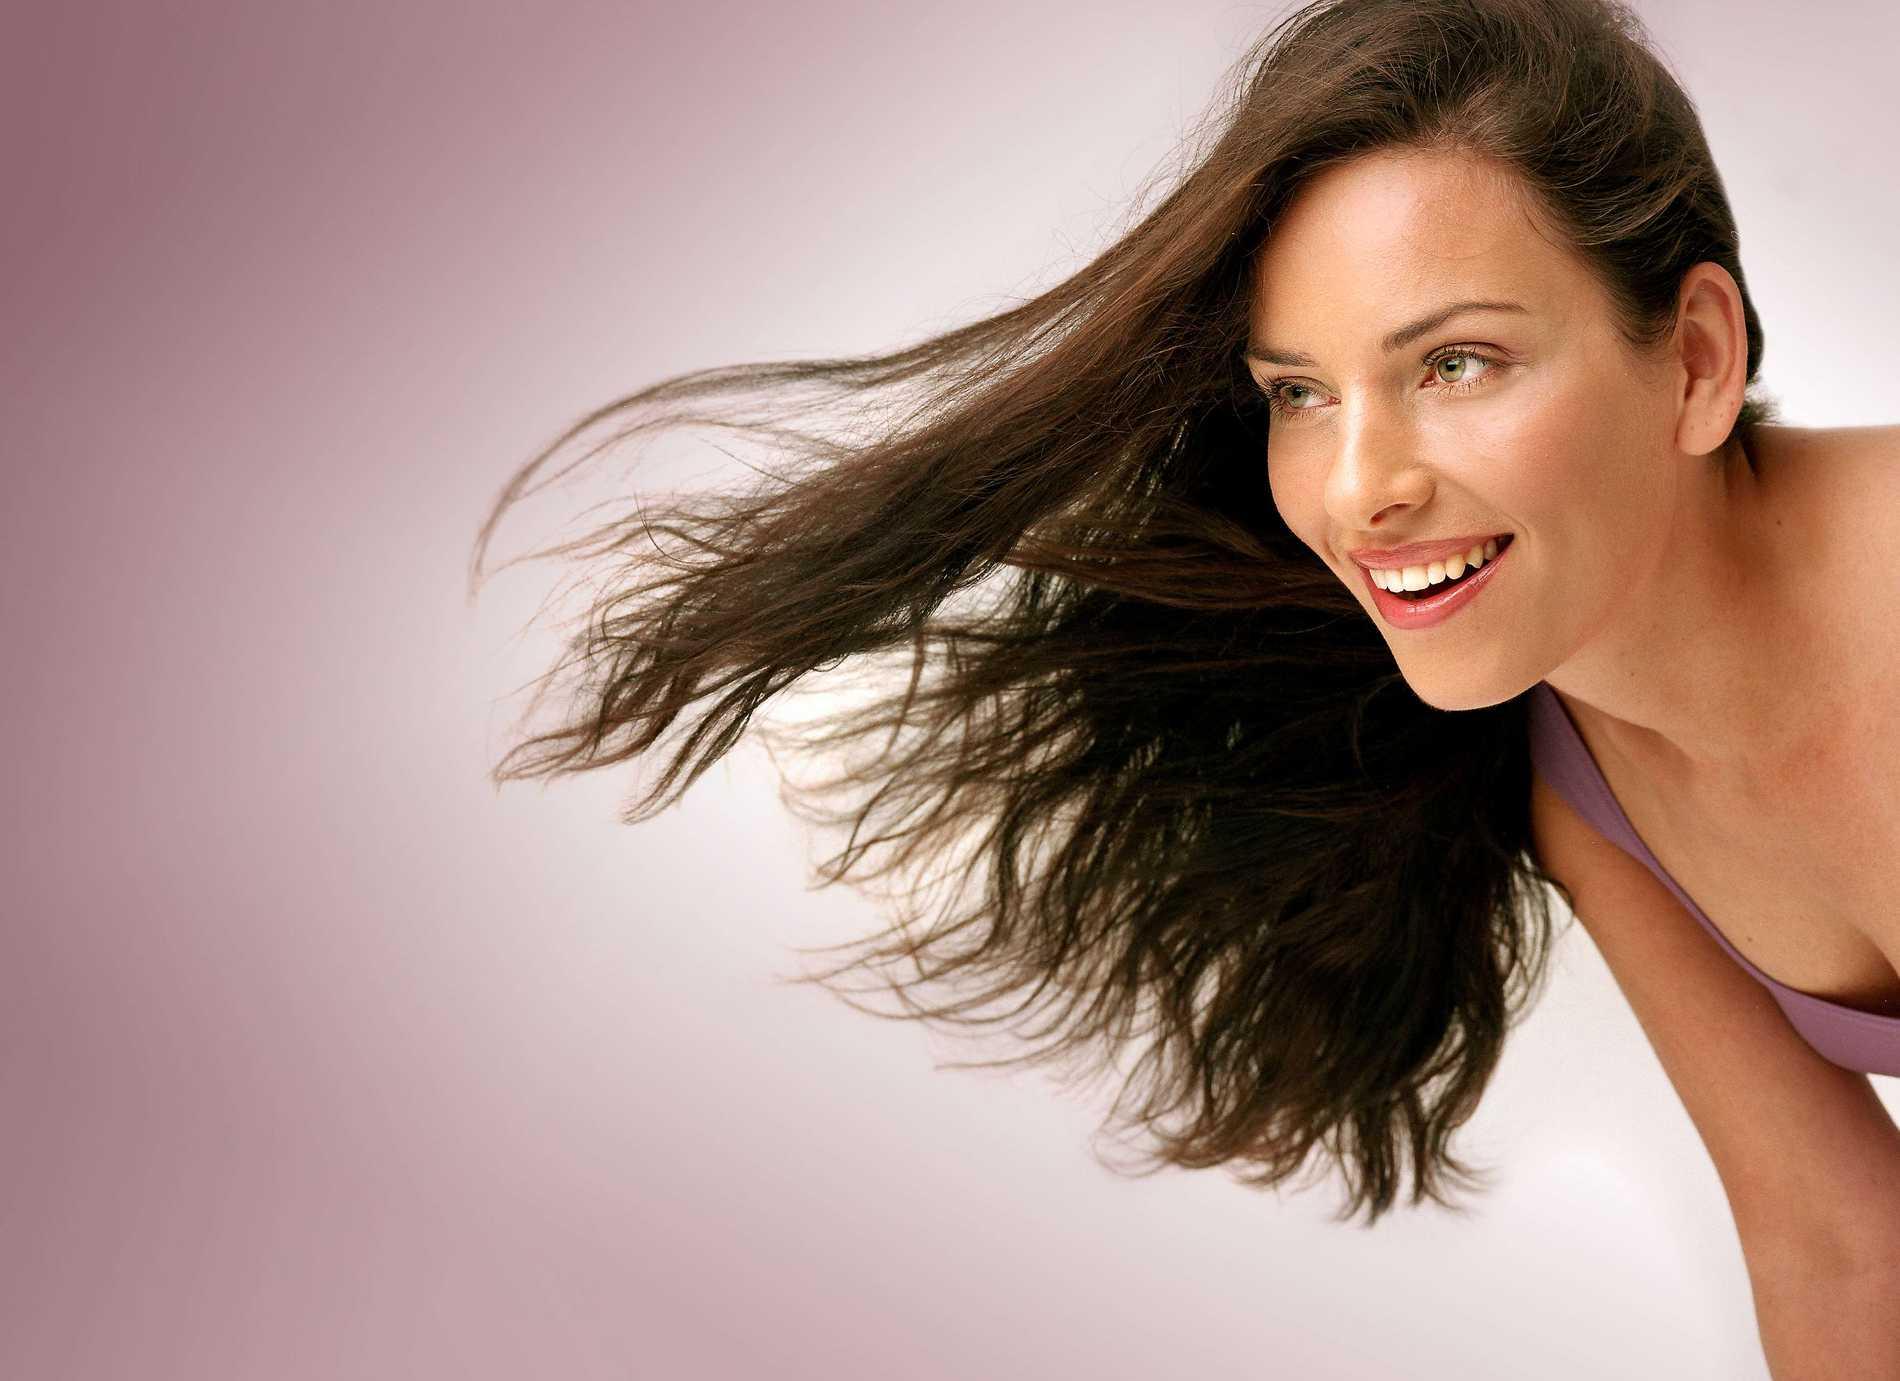 Att få underbart hår behöver inte vara svårt. Hälsa ger dig de bästa tipsen för ett vackert hår.